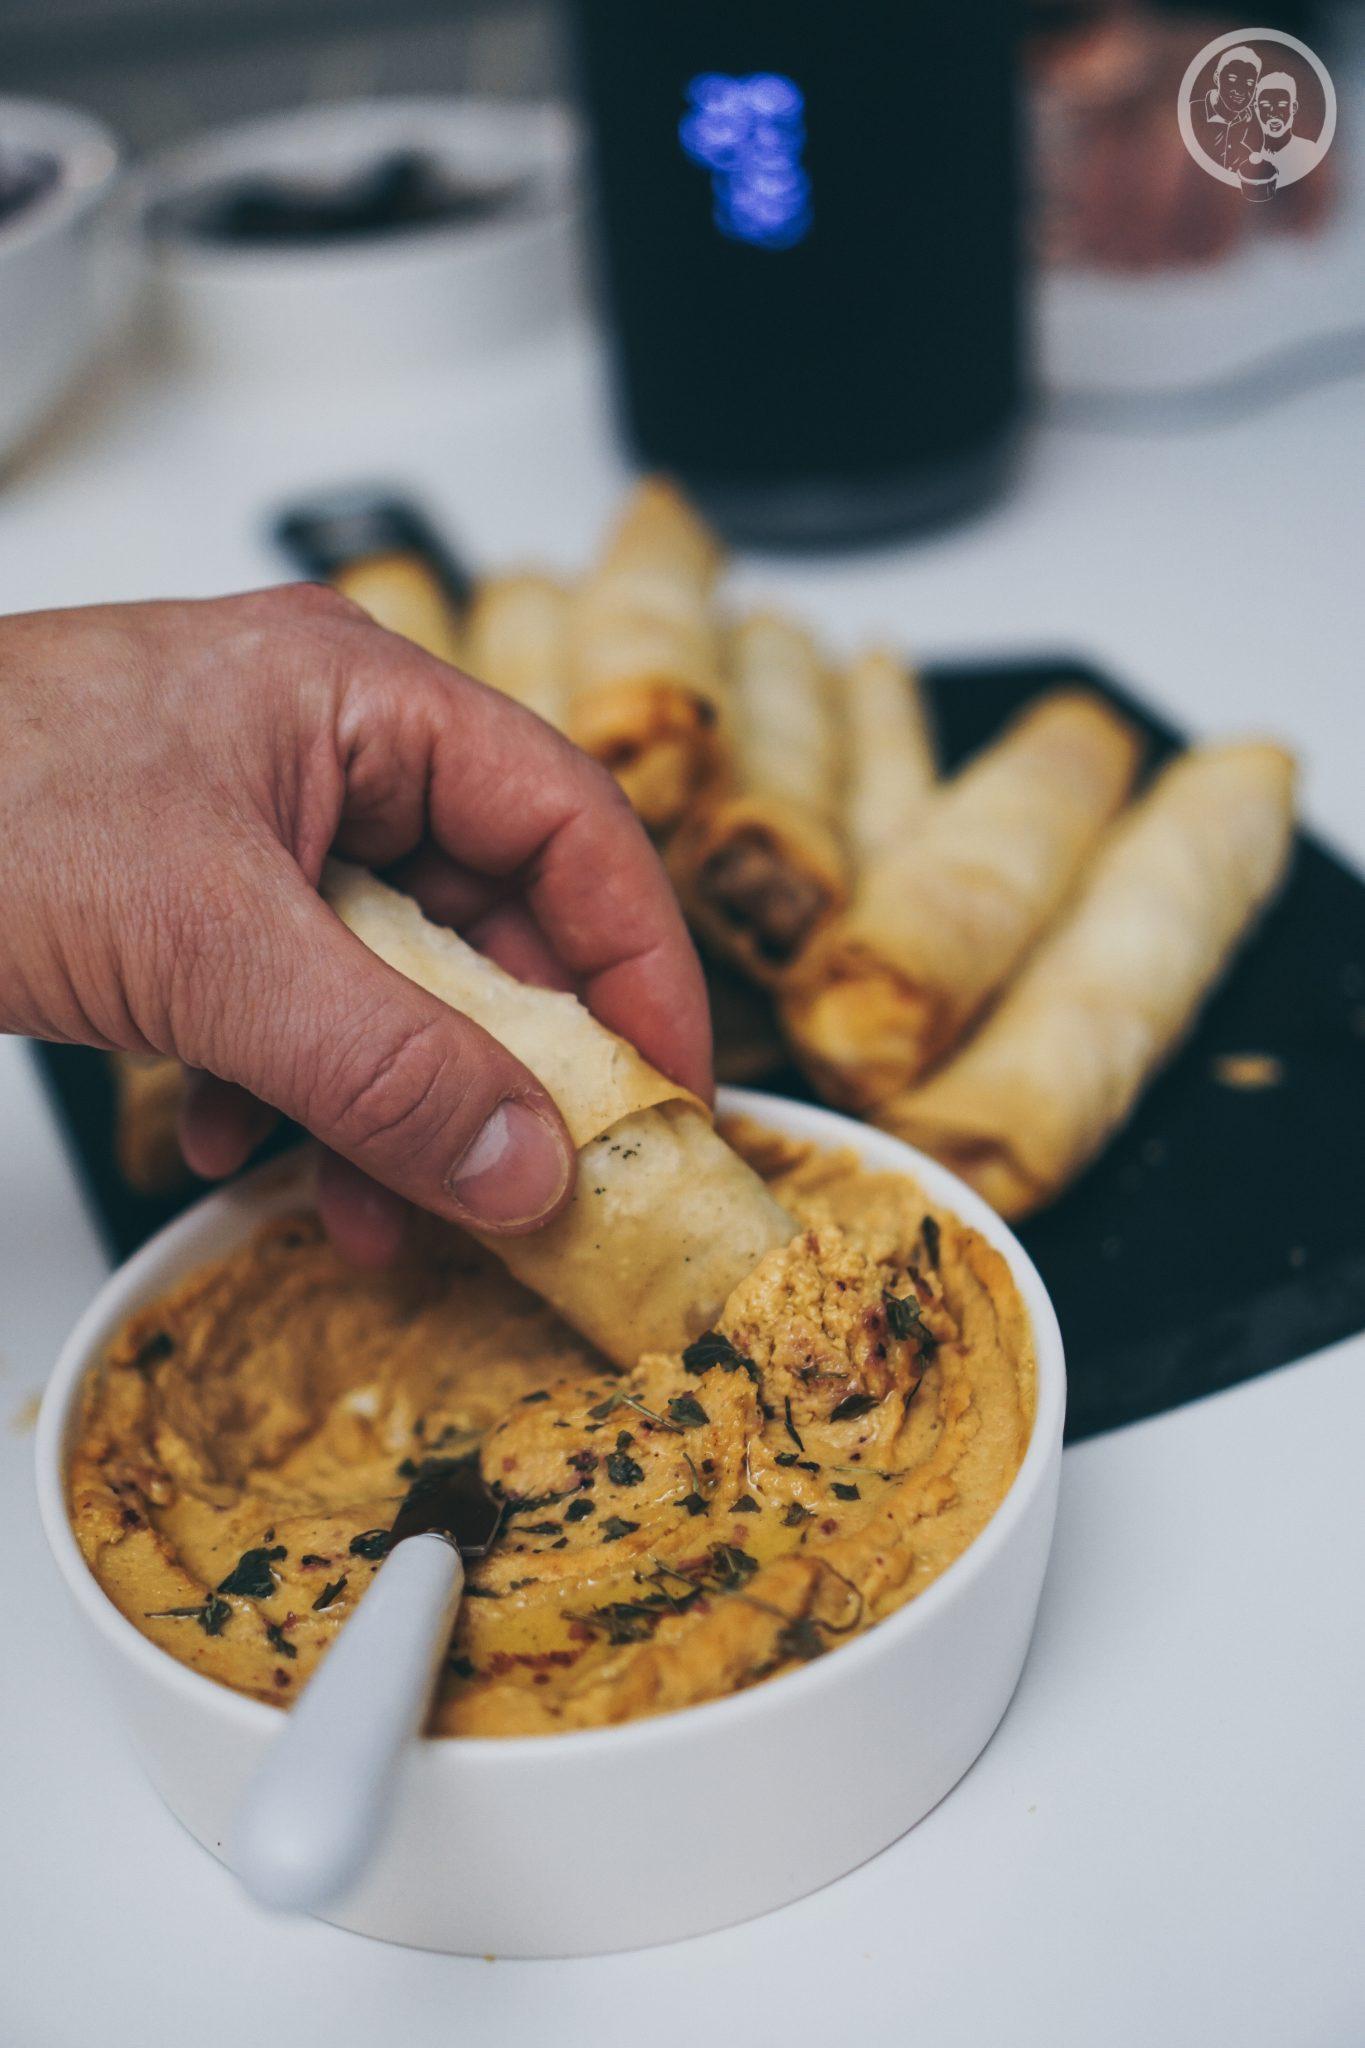 B%C3%B6rek mW 7   Unsere Küche ist der Mittelpunkt unserer Wohnung ... hier verbringen wir die meiste Zeit! Ob beim Kochen und Backen, beim gemütlichen Zusammensein oder auch bei spontanen Partyabenden.Dazu gibt es immer leckere Snacks, denn hungern muss definitiv keiner unserer Freunde bei uns :)So auch nicht bei unserer letzten kleinen Küchenparty! Es gab köstliches Finger Food in Form von Börek.